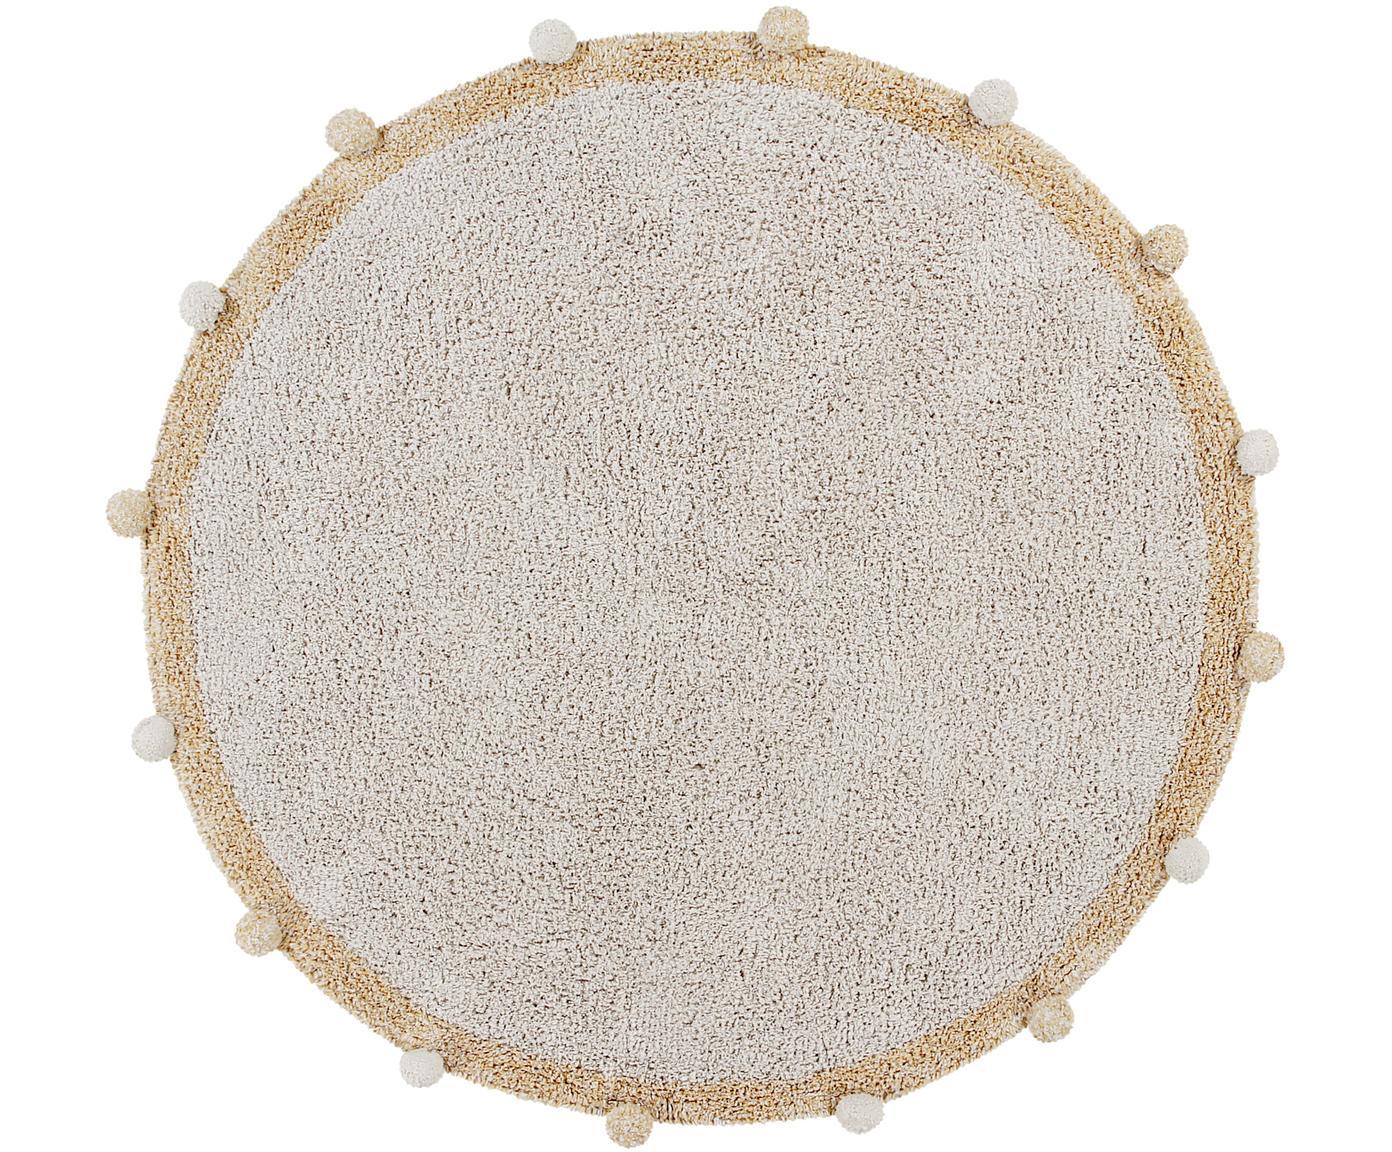 Runder Teppich Bubbly mit Pompoms, handgefertigt, Flor: 97% recycelte Baumwolle, , Cremefarben, Gelb, Ø 120 cm (Größe S)